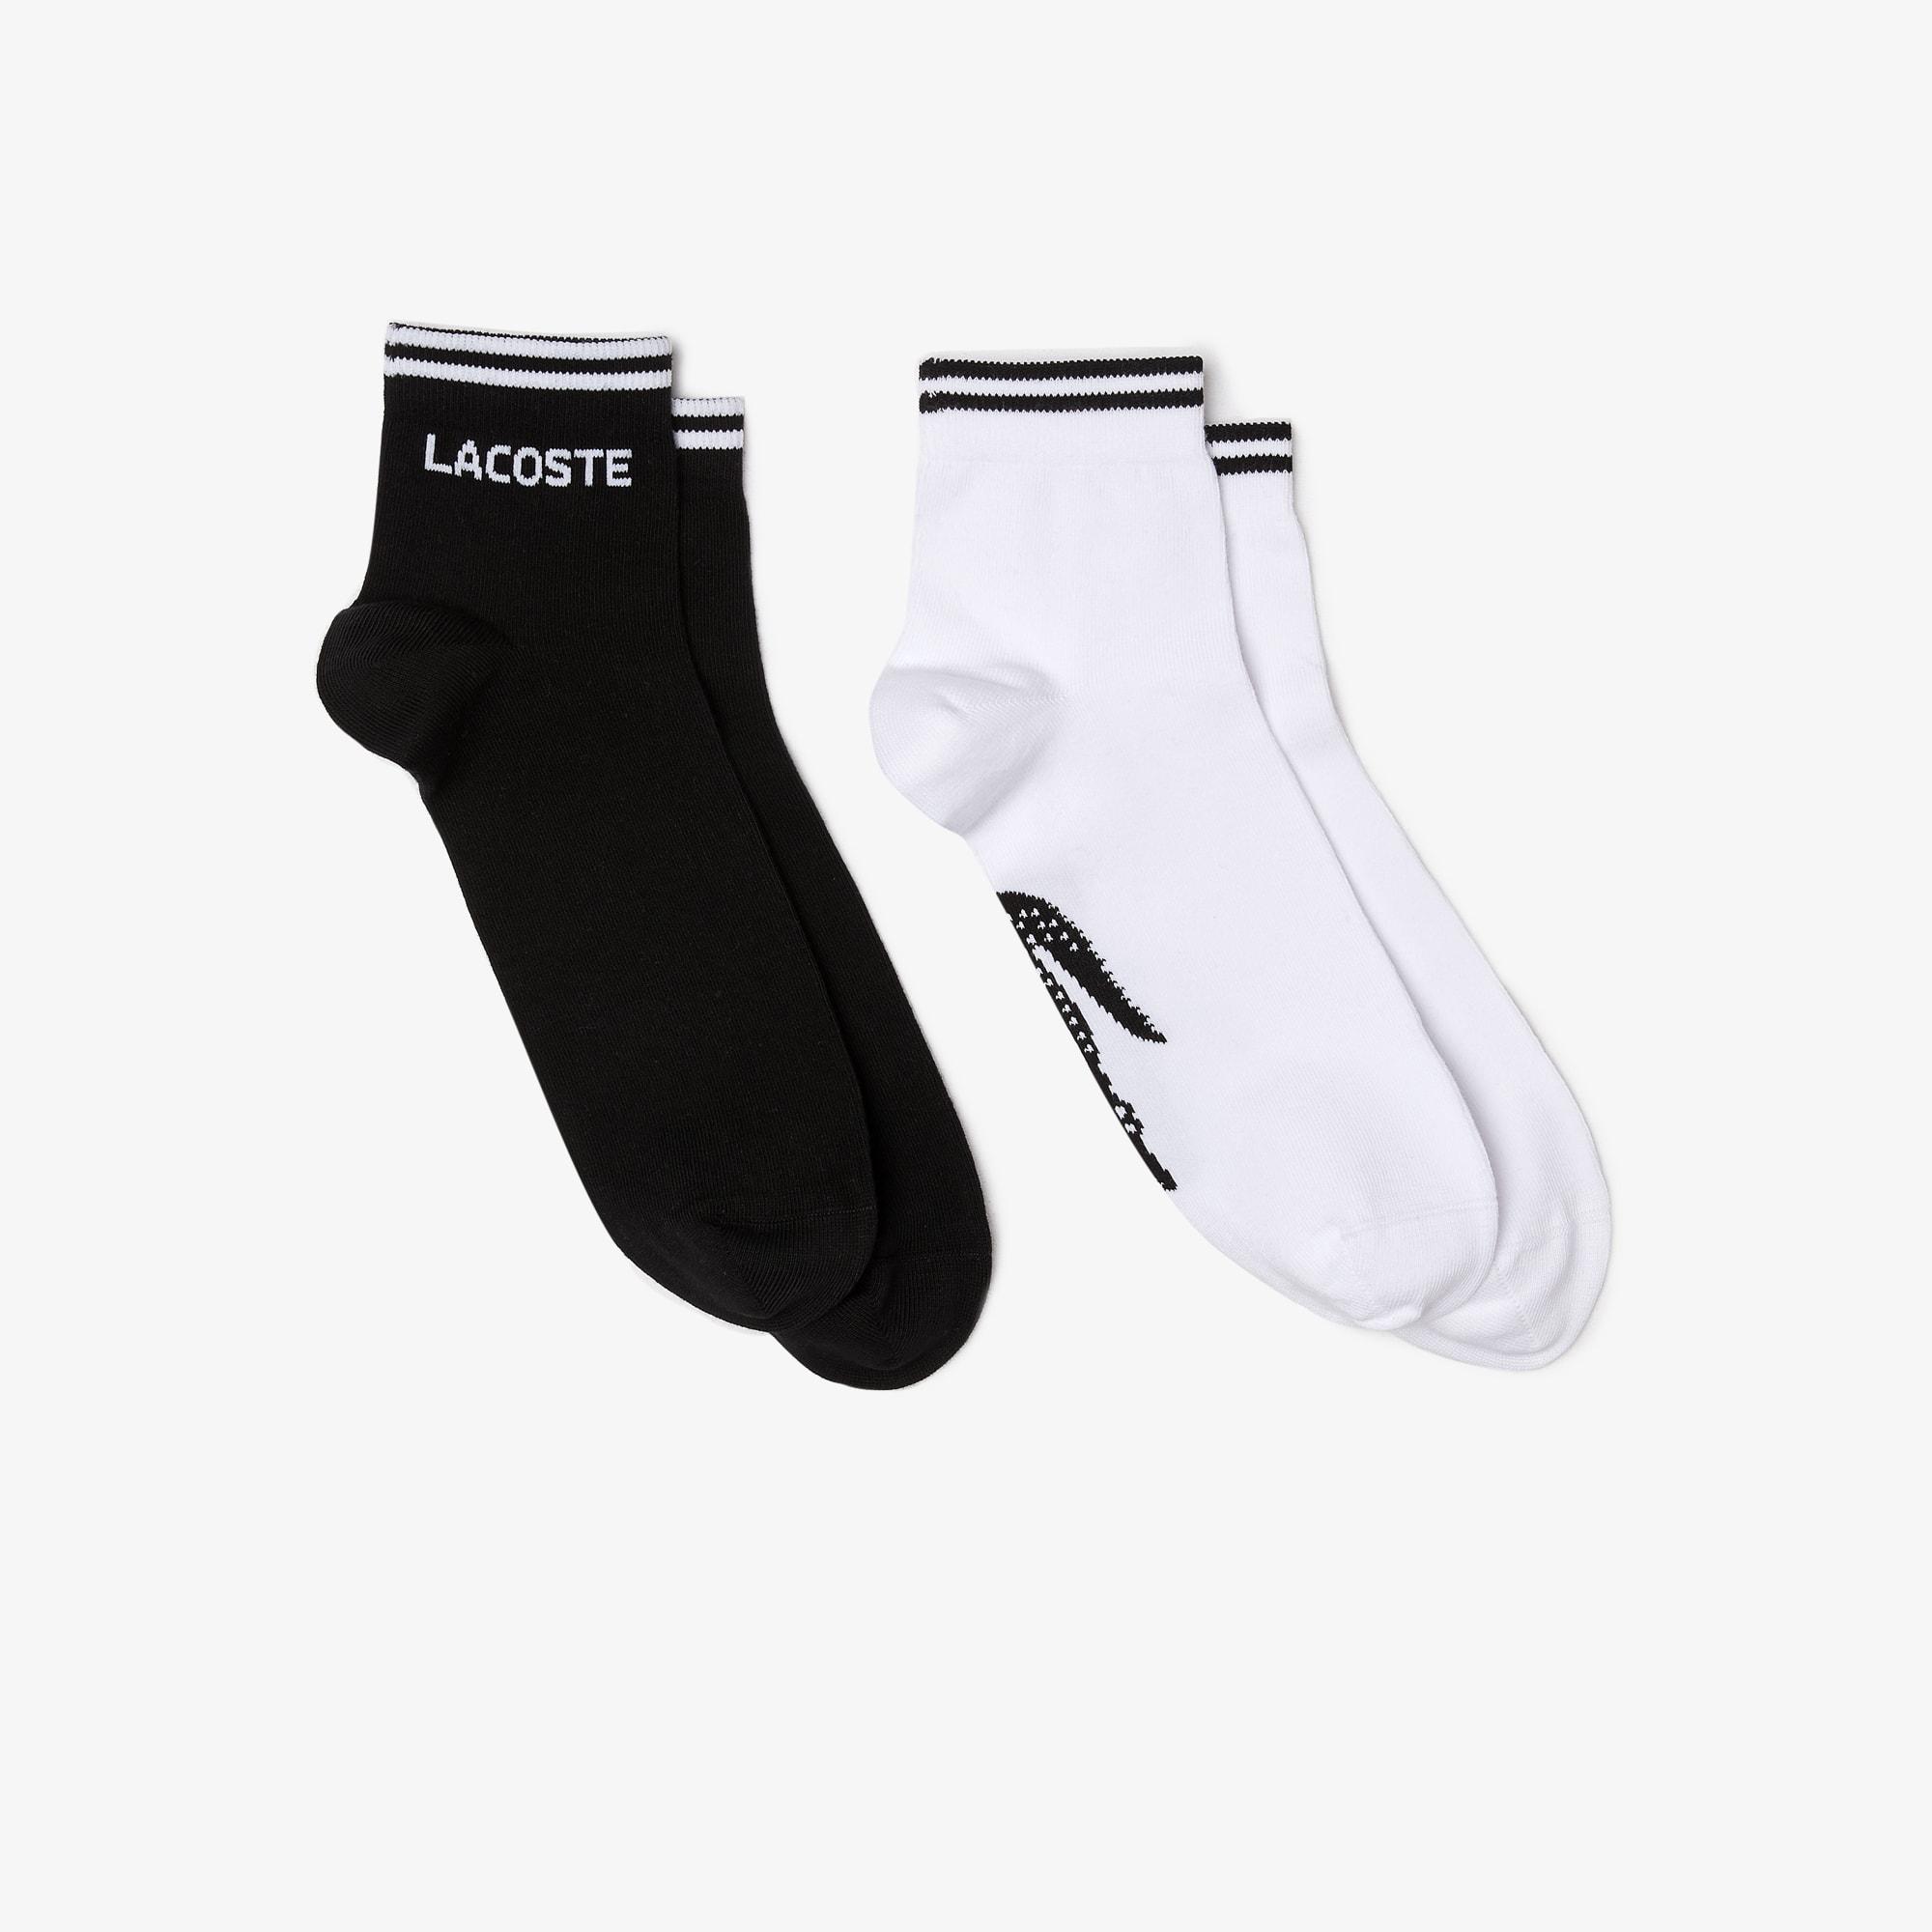 361db520886cb5 Lot de 2 paires de chaussettes Lacoste SPORT en jersey jacquard ...